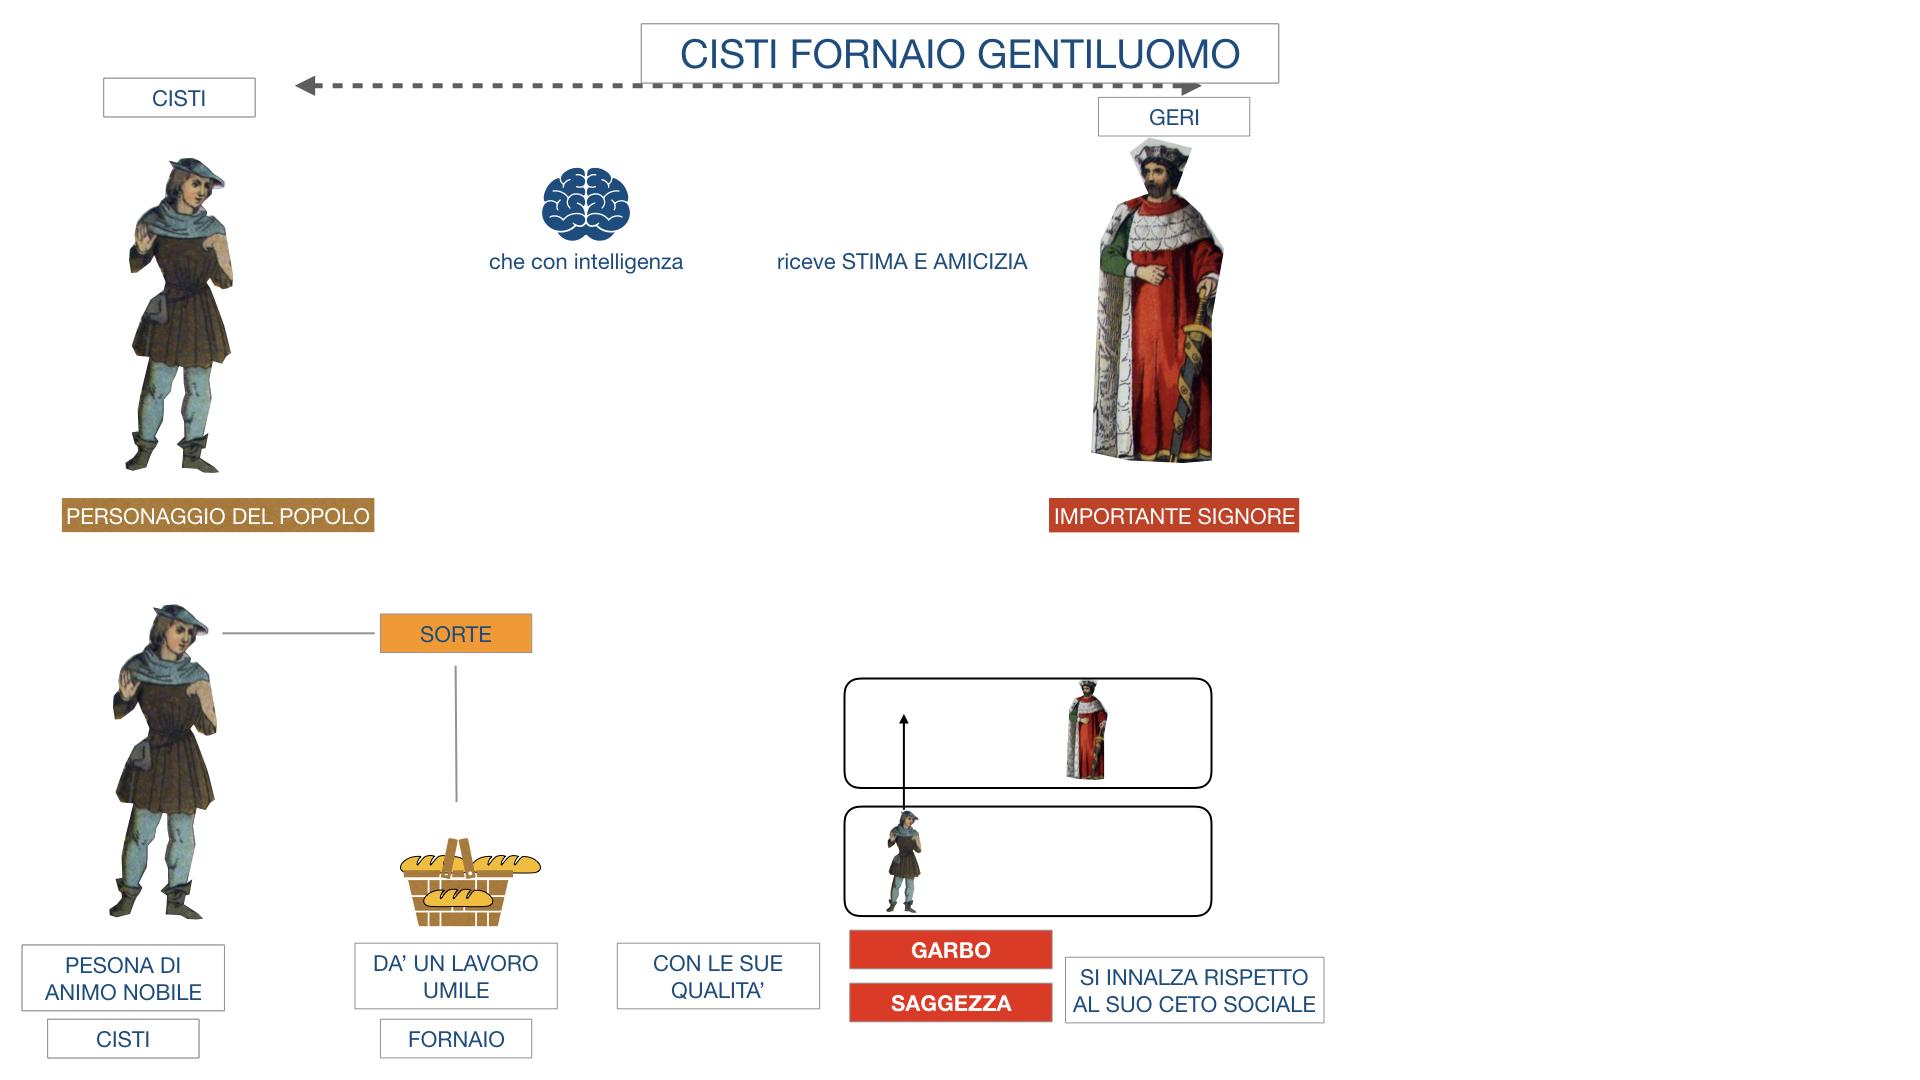 CISTI IL FORNAIO_SIMULAZIONE .014